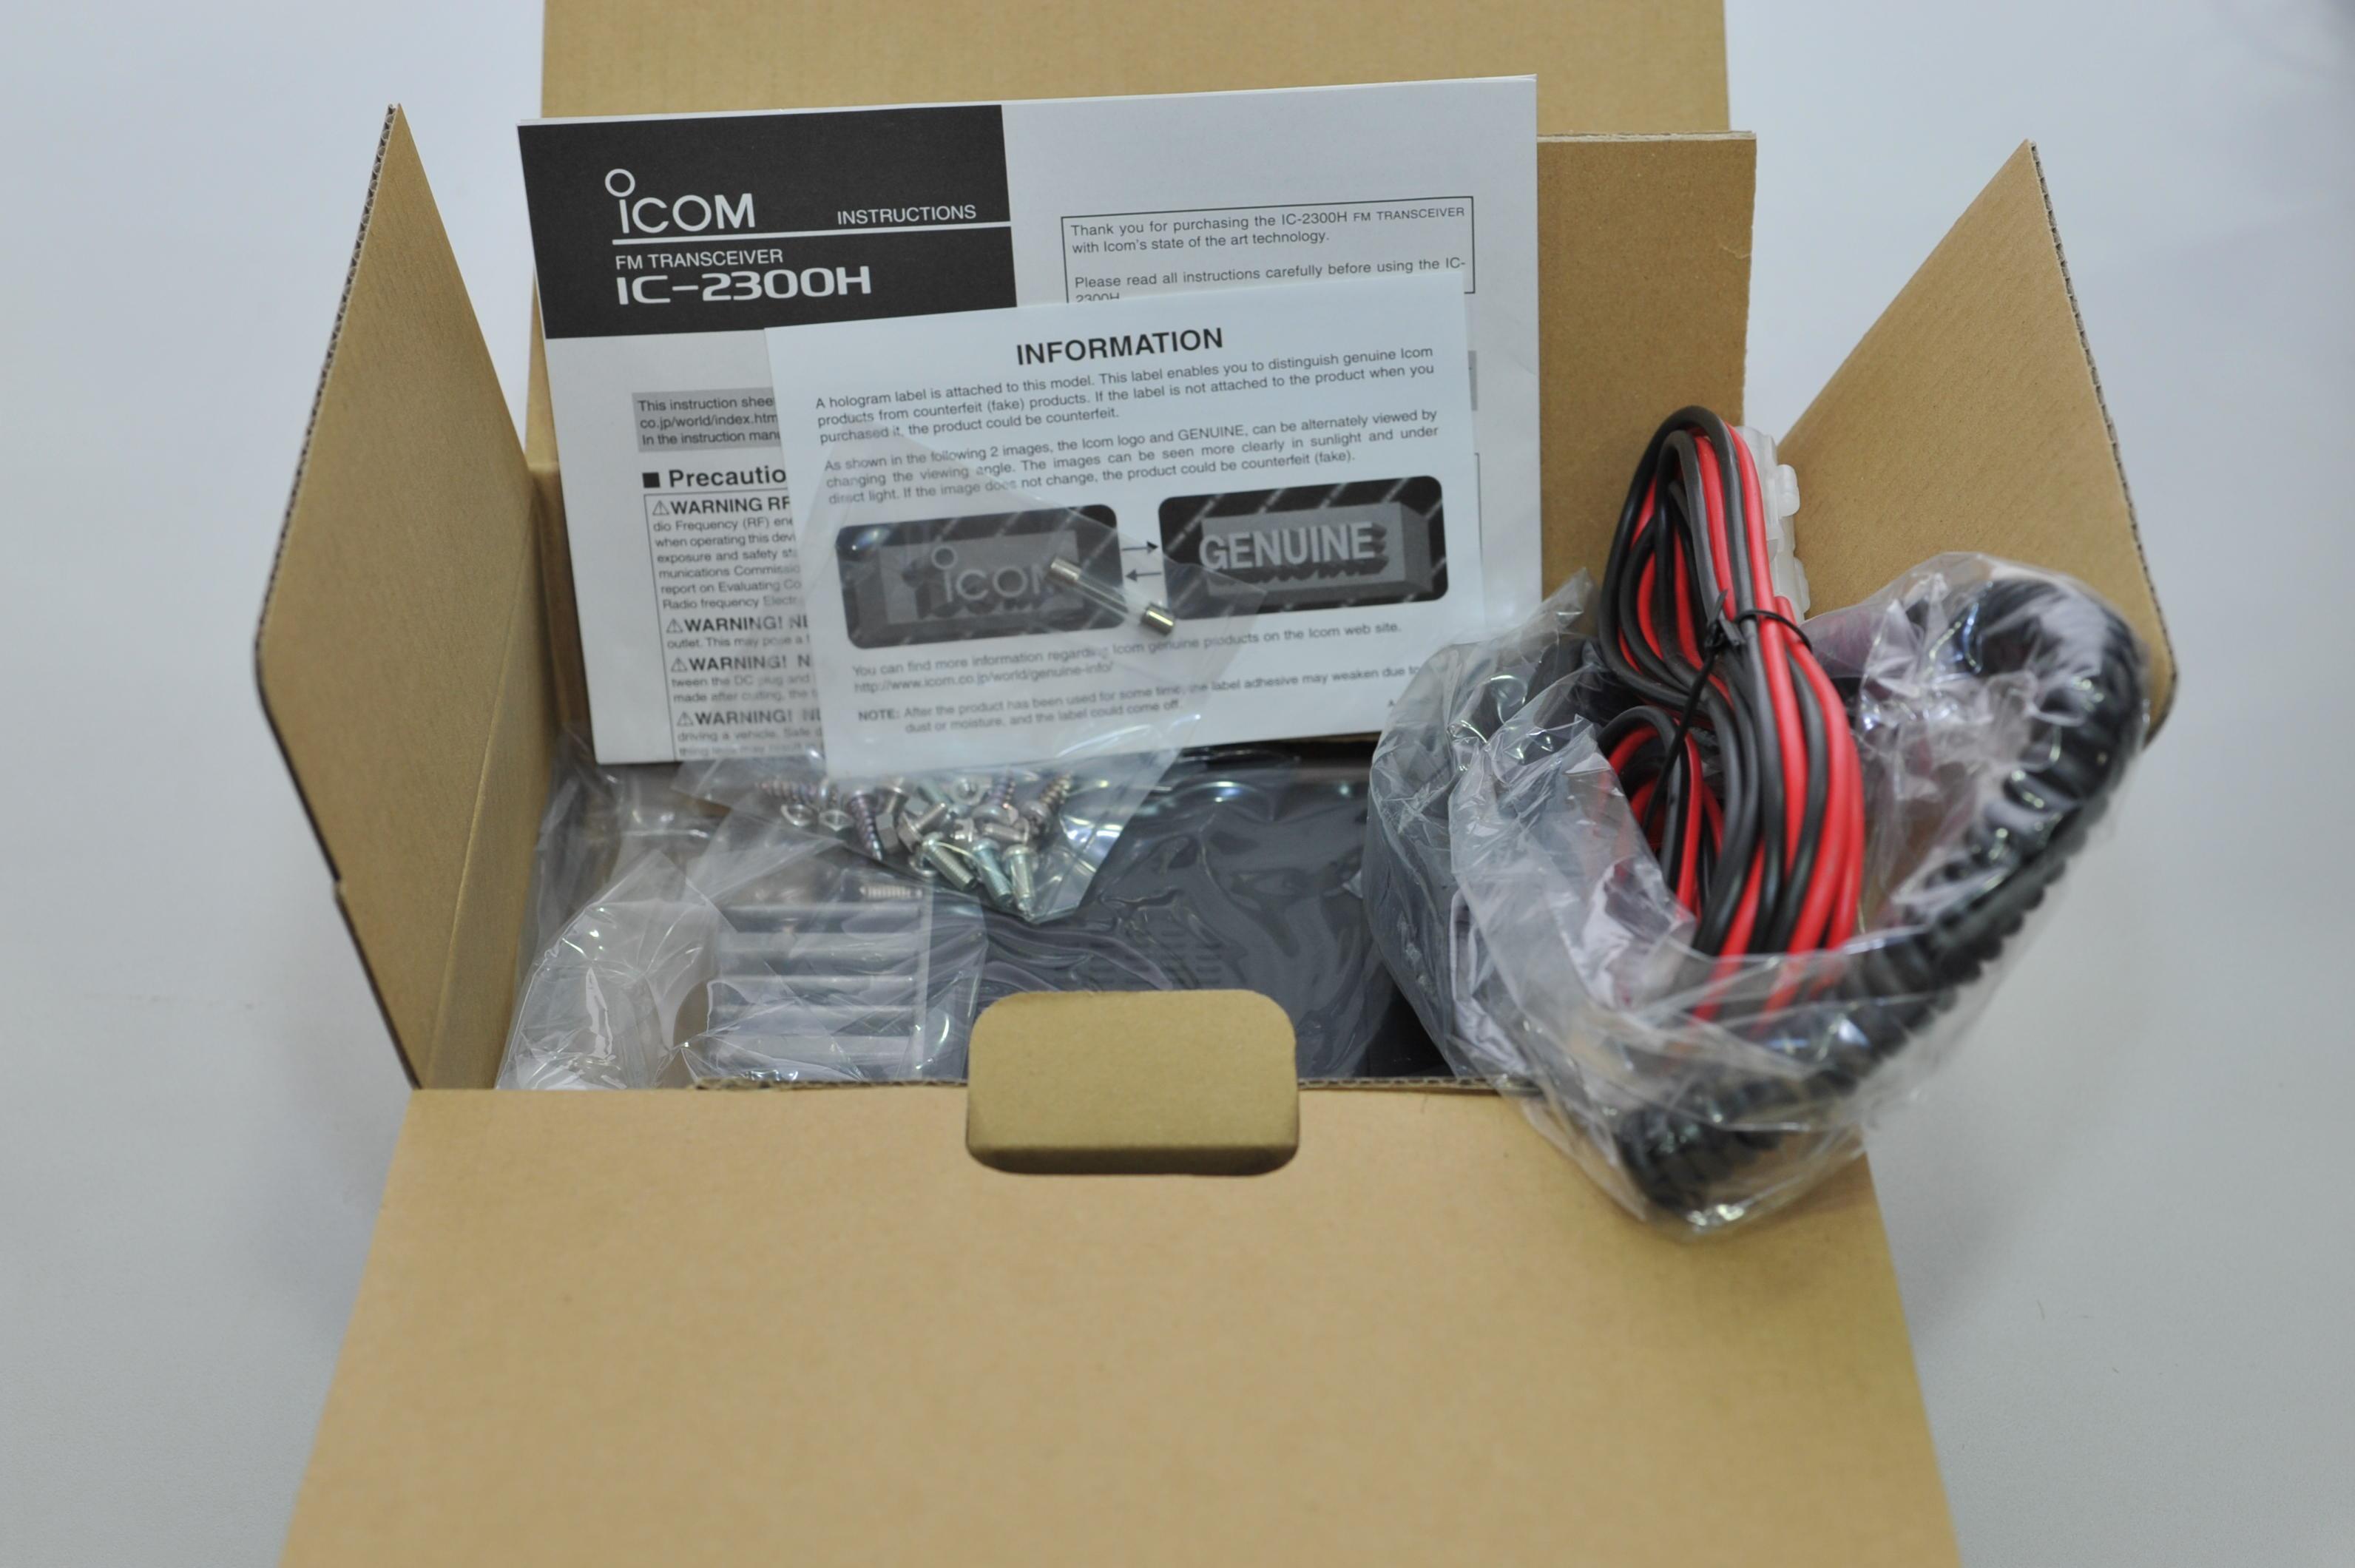 Icom IC-2300H Mobile VHF Transceiver